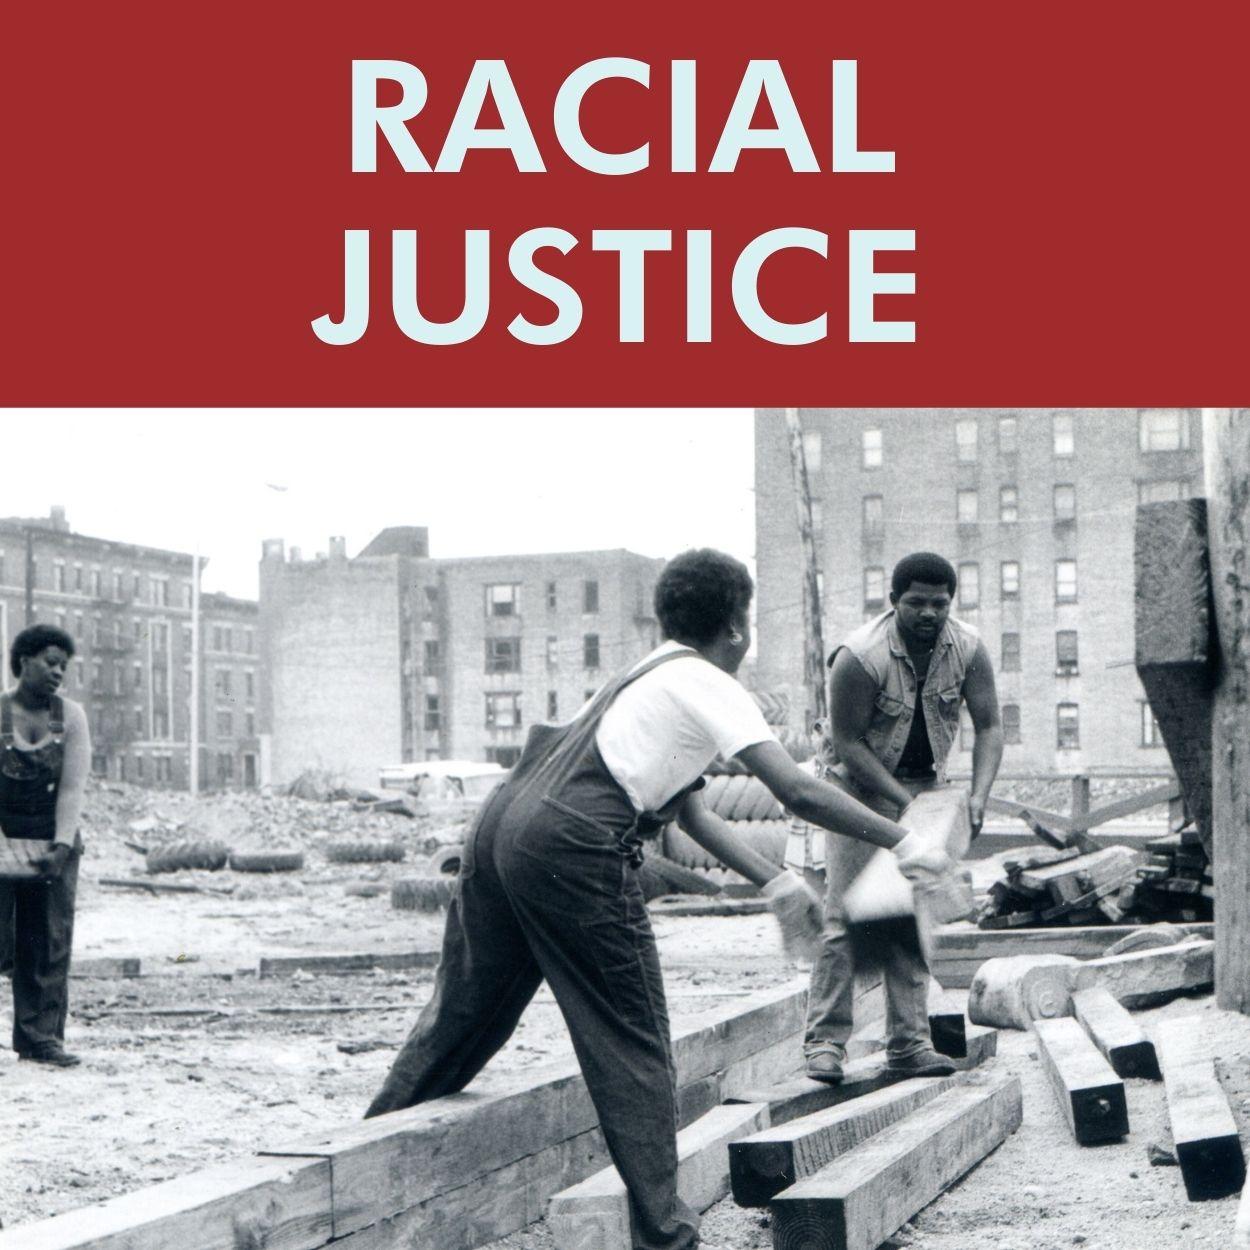 RACIAL JUSTICE (3)